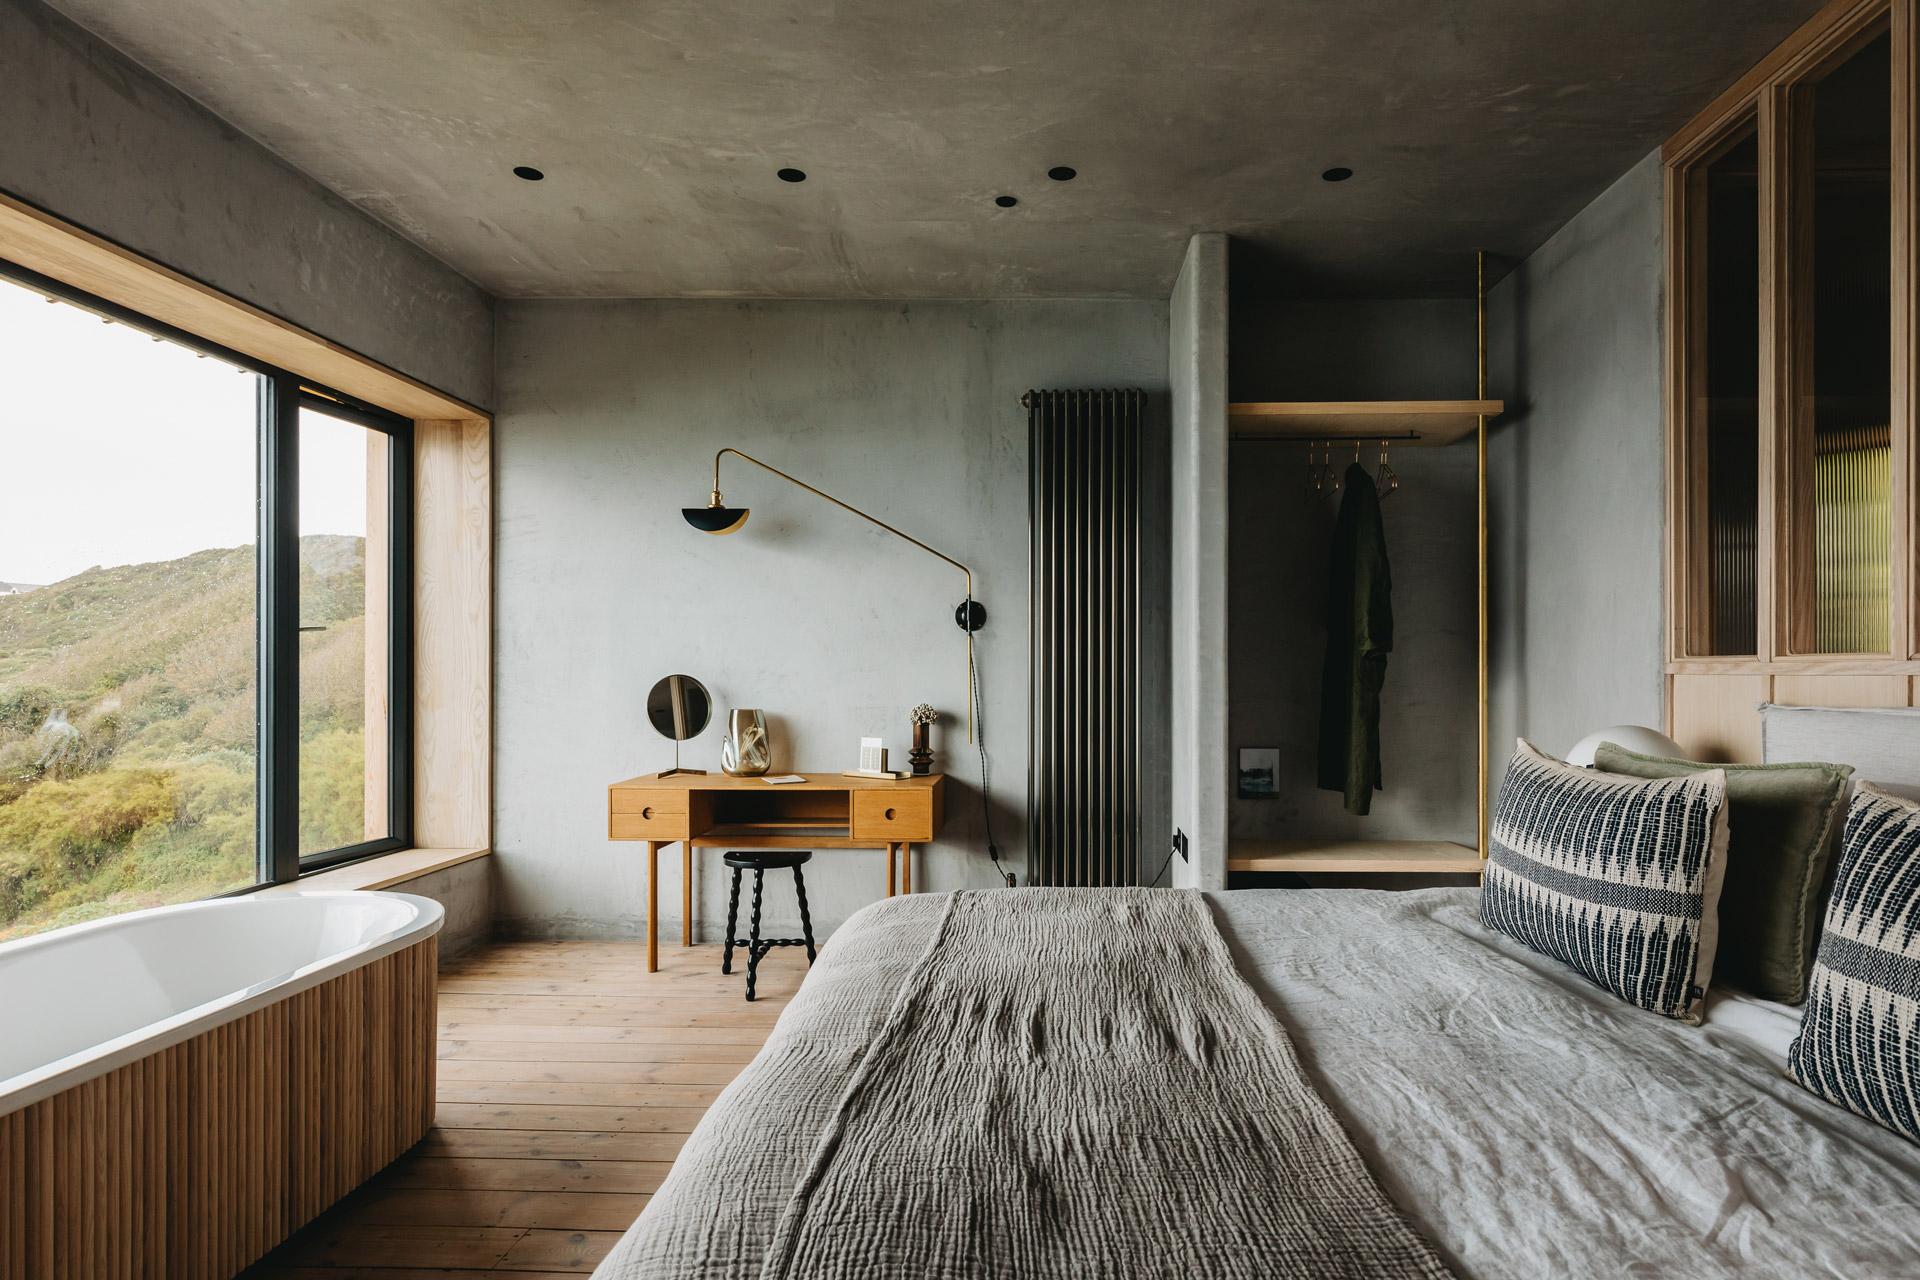 Ukiyo House Refurb Bedroom